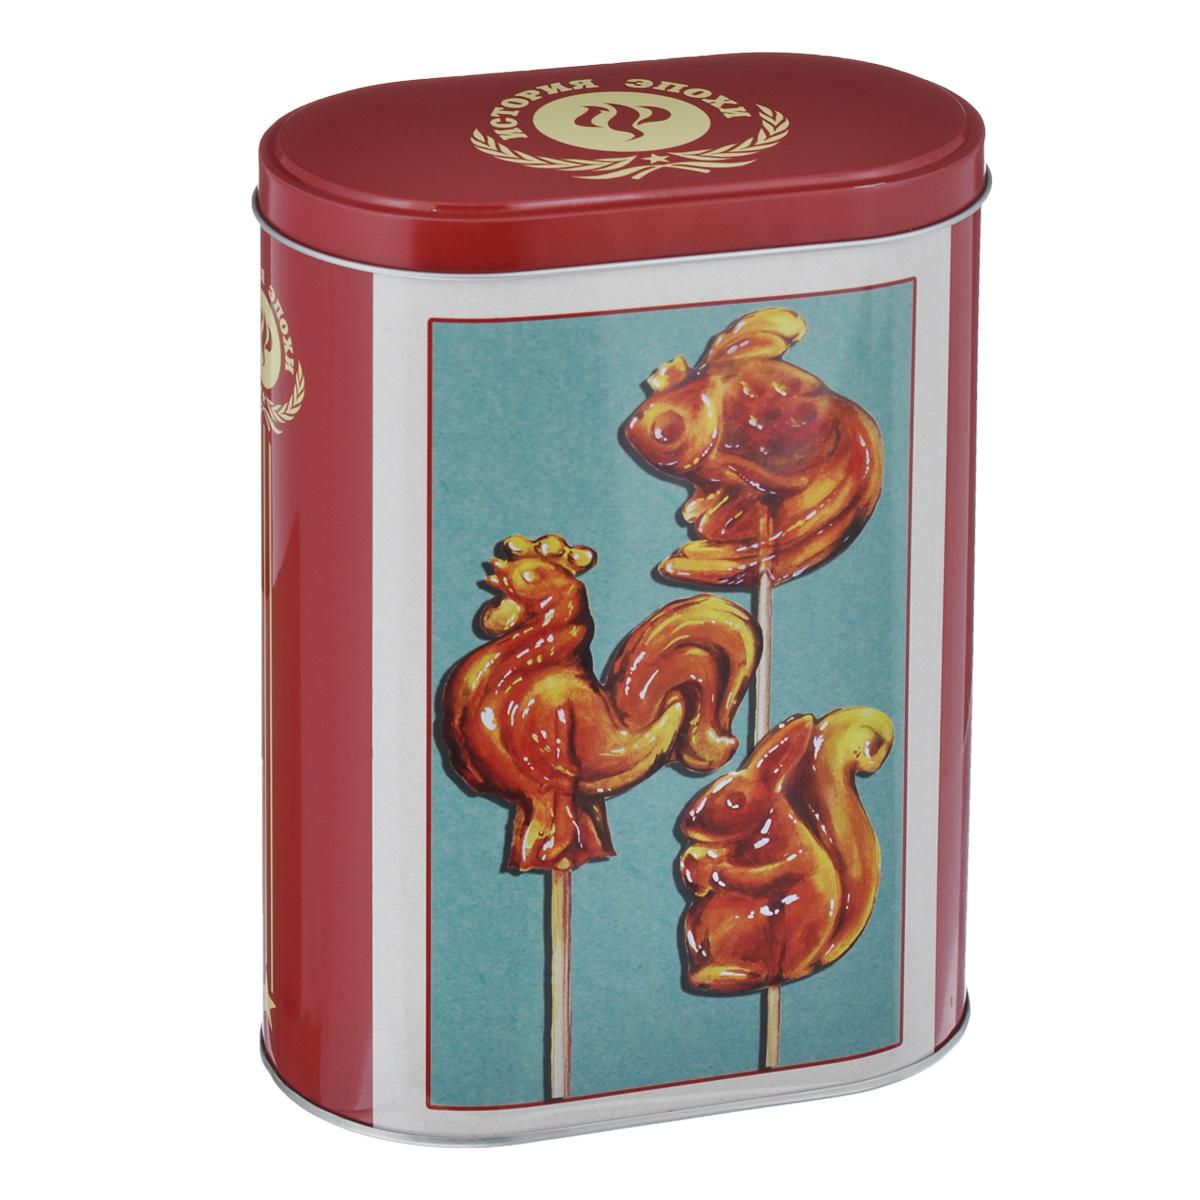 Банка для сыпучих продуктов Феникс-презент Петушки, 1,5 л емкости неполимерные sestesi банка для сыпучих продуктов с крышкой овощи